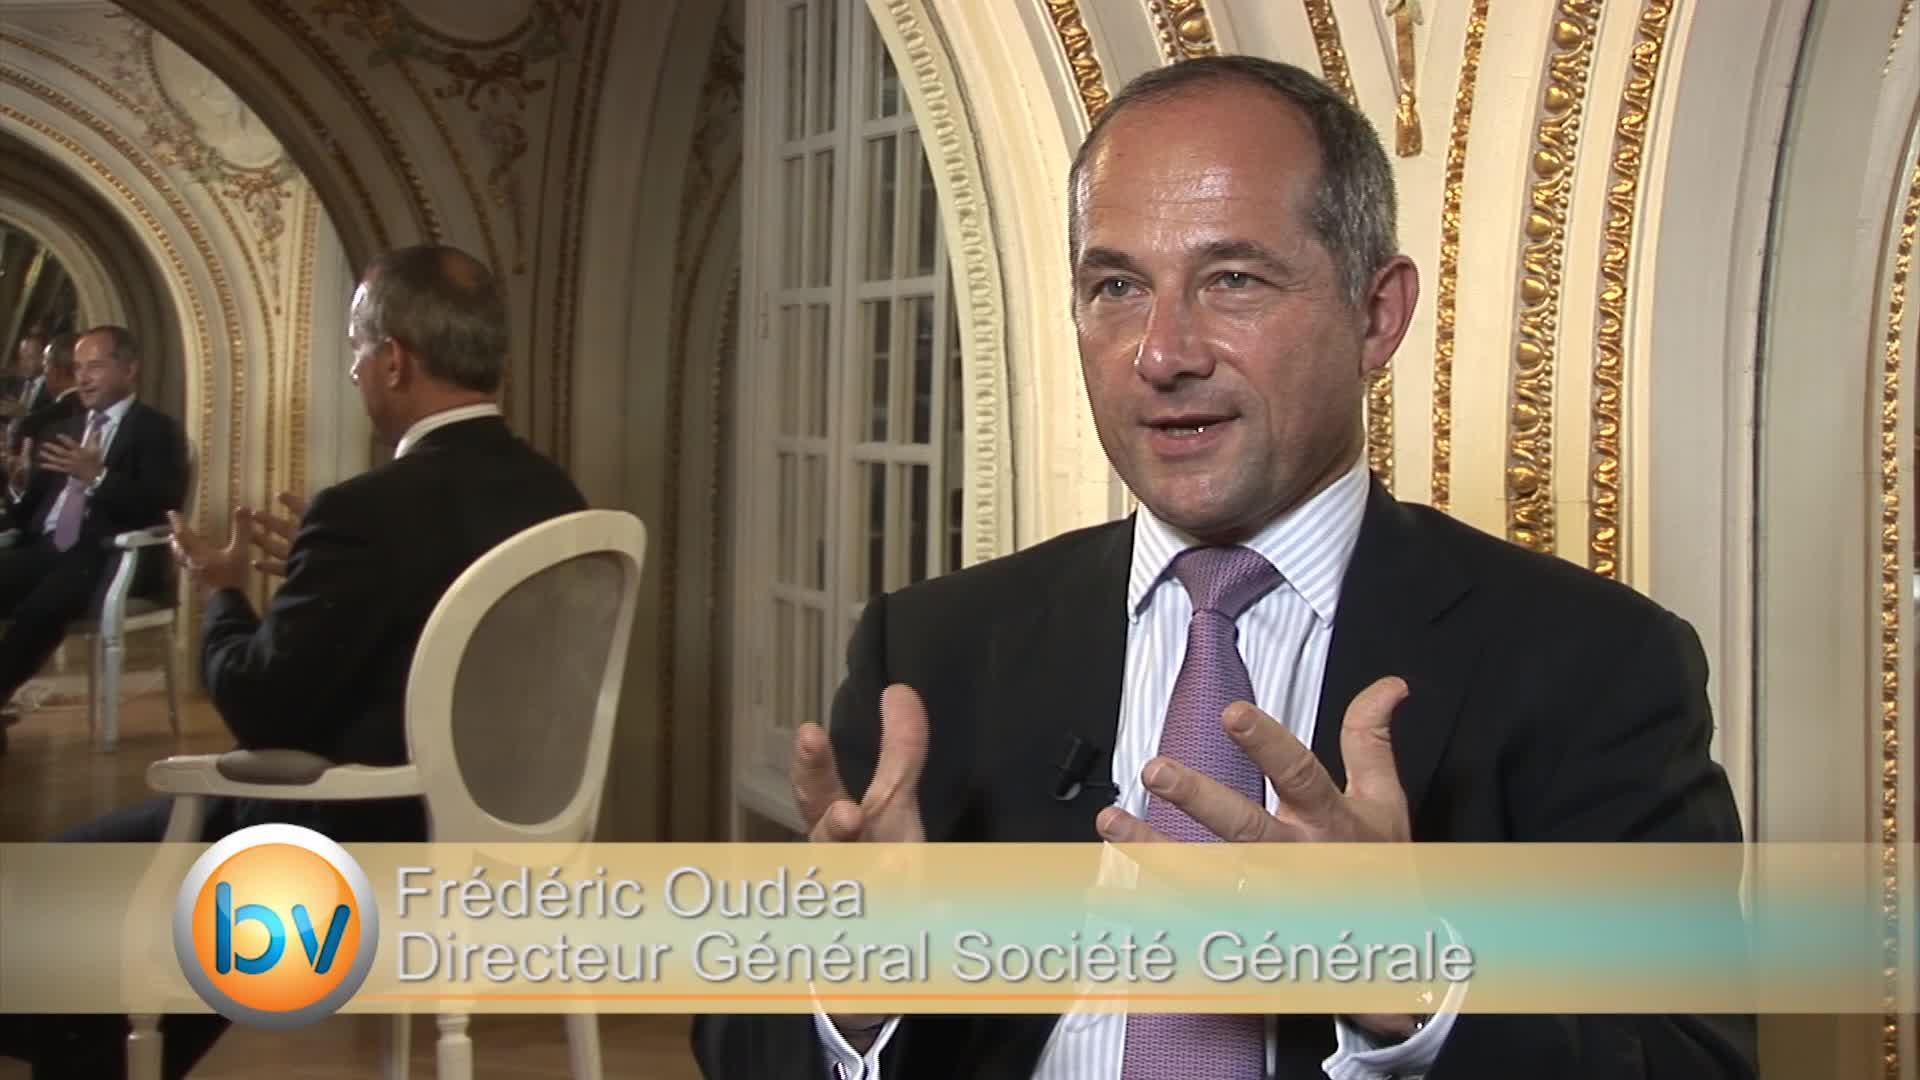 Frédéric Oudéa Directeur Général Société Générale : «Le défi de toutes les banques c'est l'adaptation au numérique»